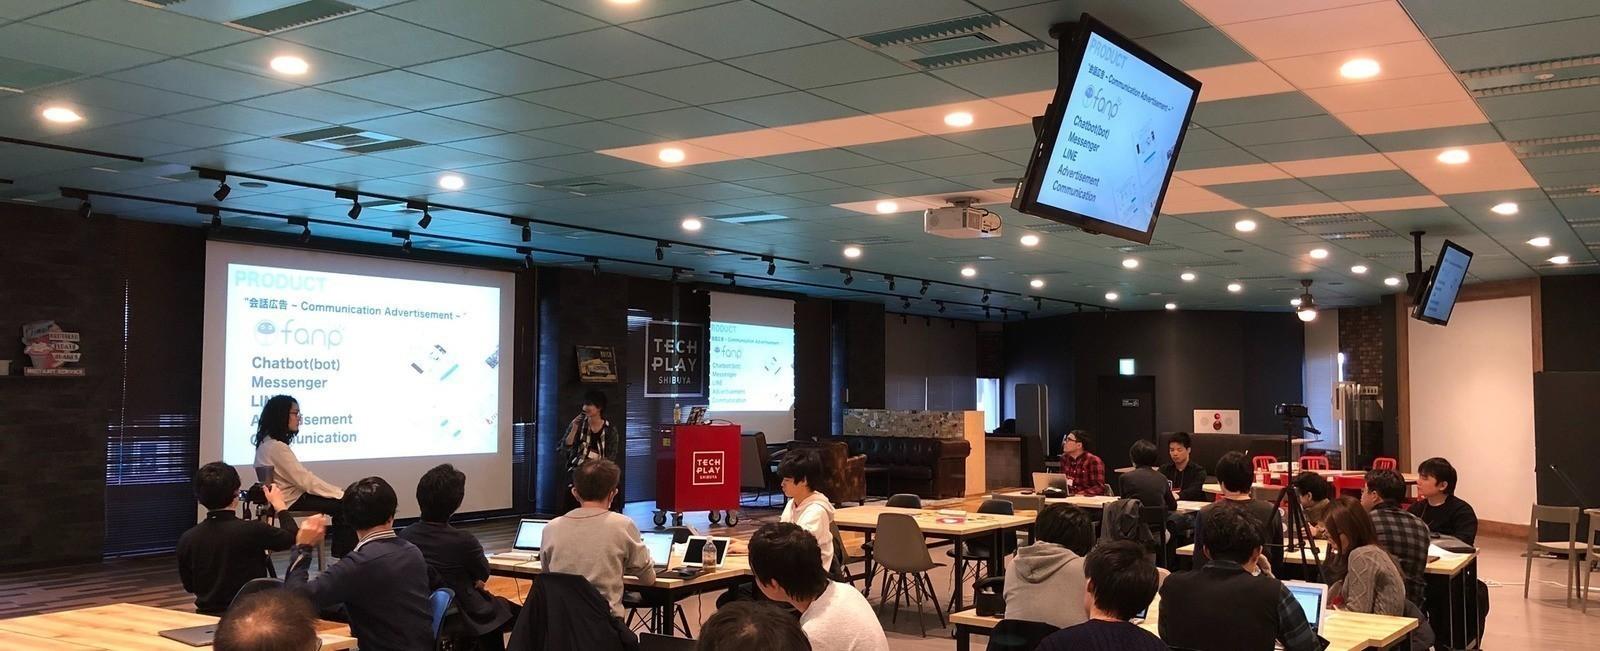 GCP/GKE(k8s)を用いて、国内No.1のチャットボットプロダクトを支えるインフラ・SREエンジニアを募集!